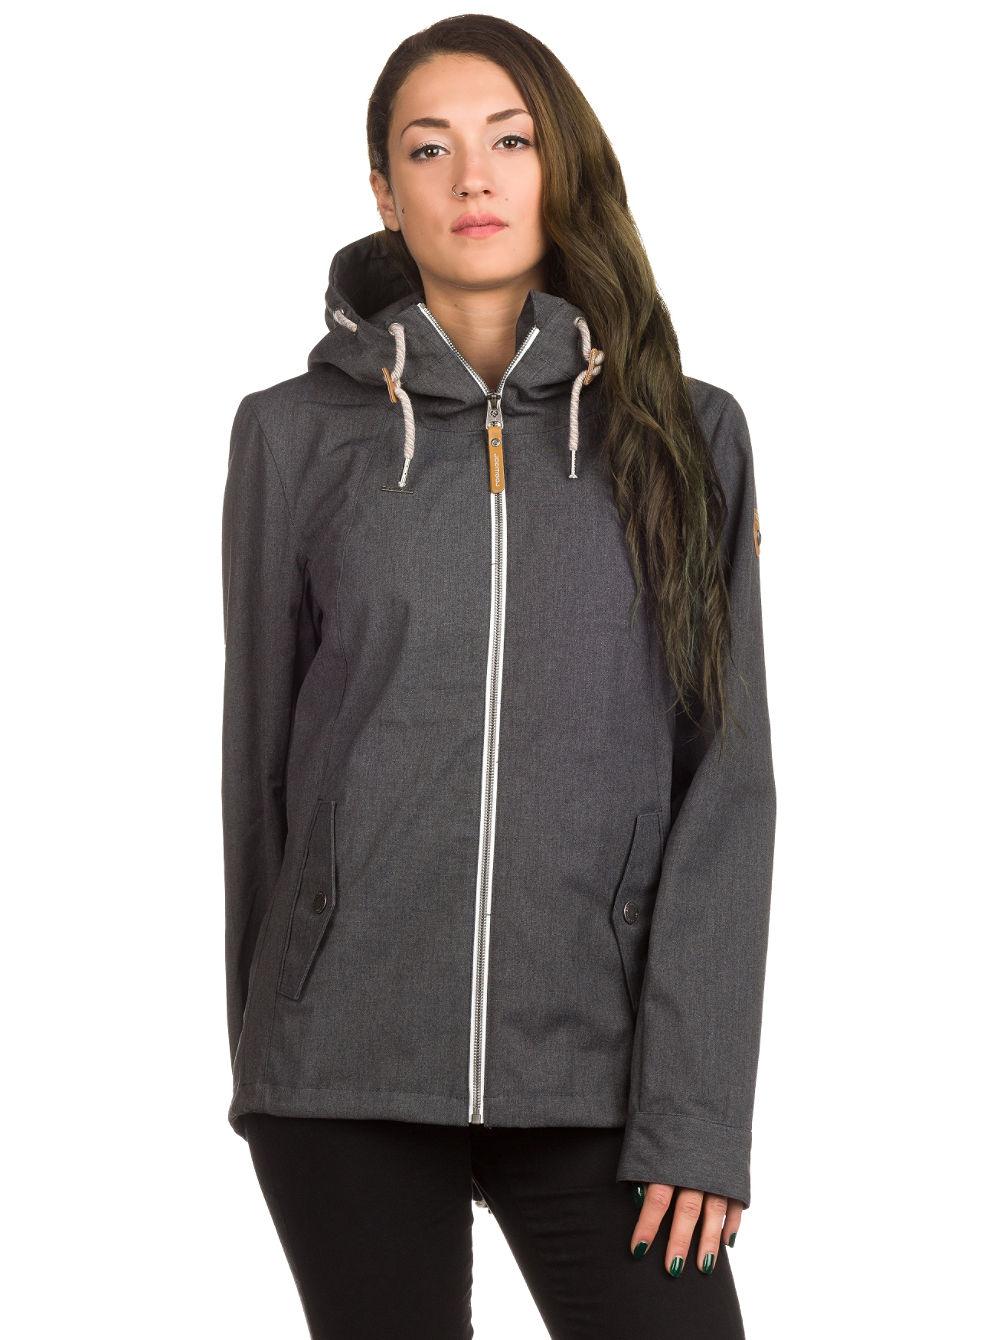 ragwear-monade-jacket